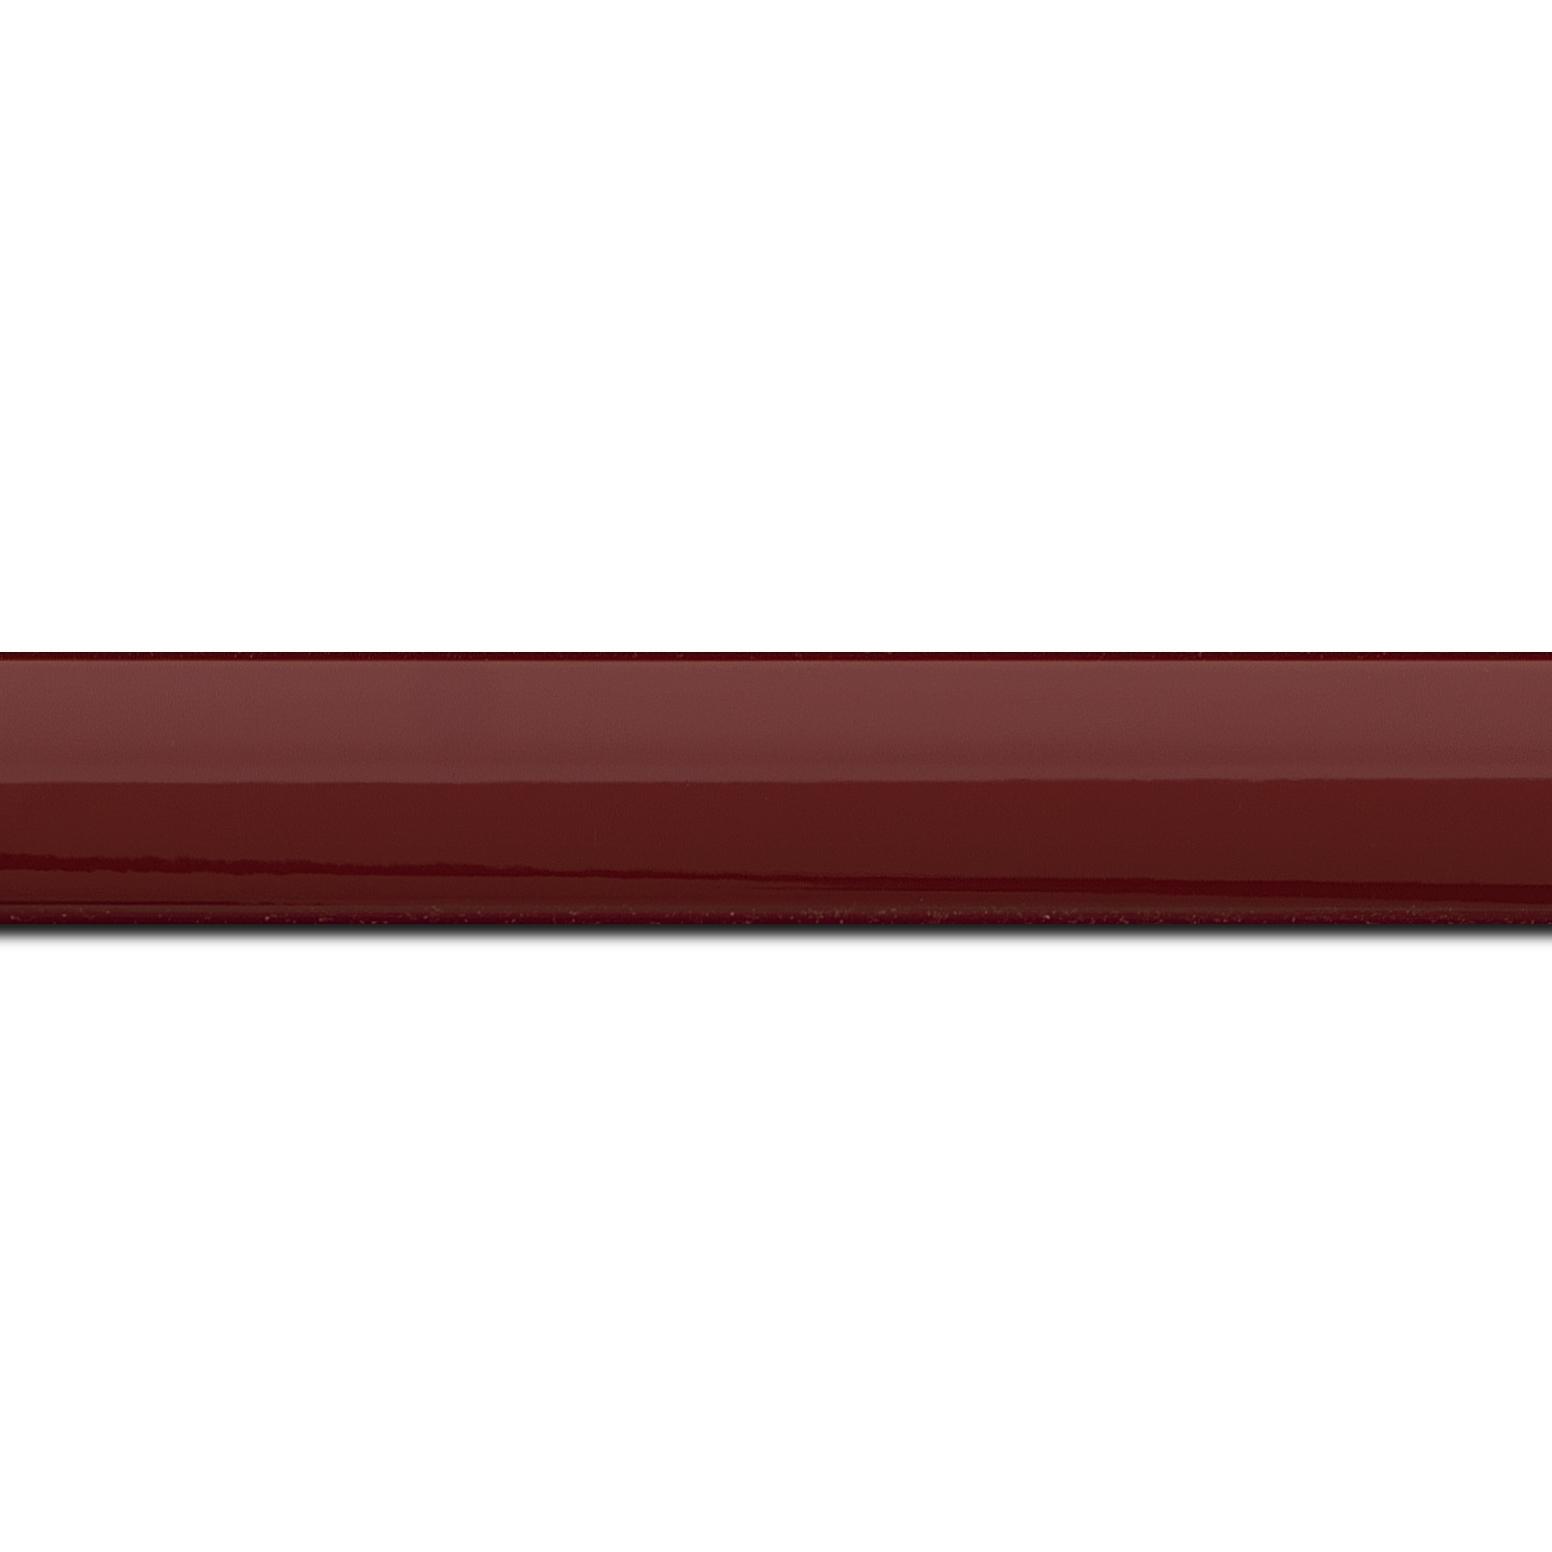 Pack par 12m, bois profil méplat largeur 2.3cm couleur bordeaux laqué (longueur baguette pouvant varier entre 2.40m et 3m selon arrivage des bois)